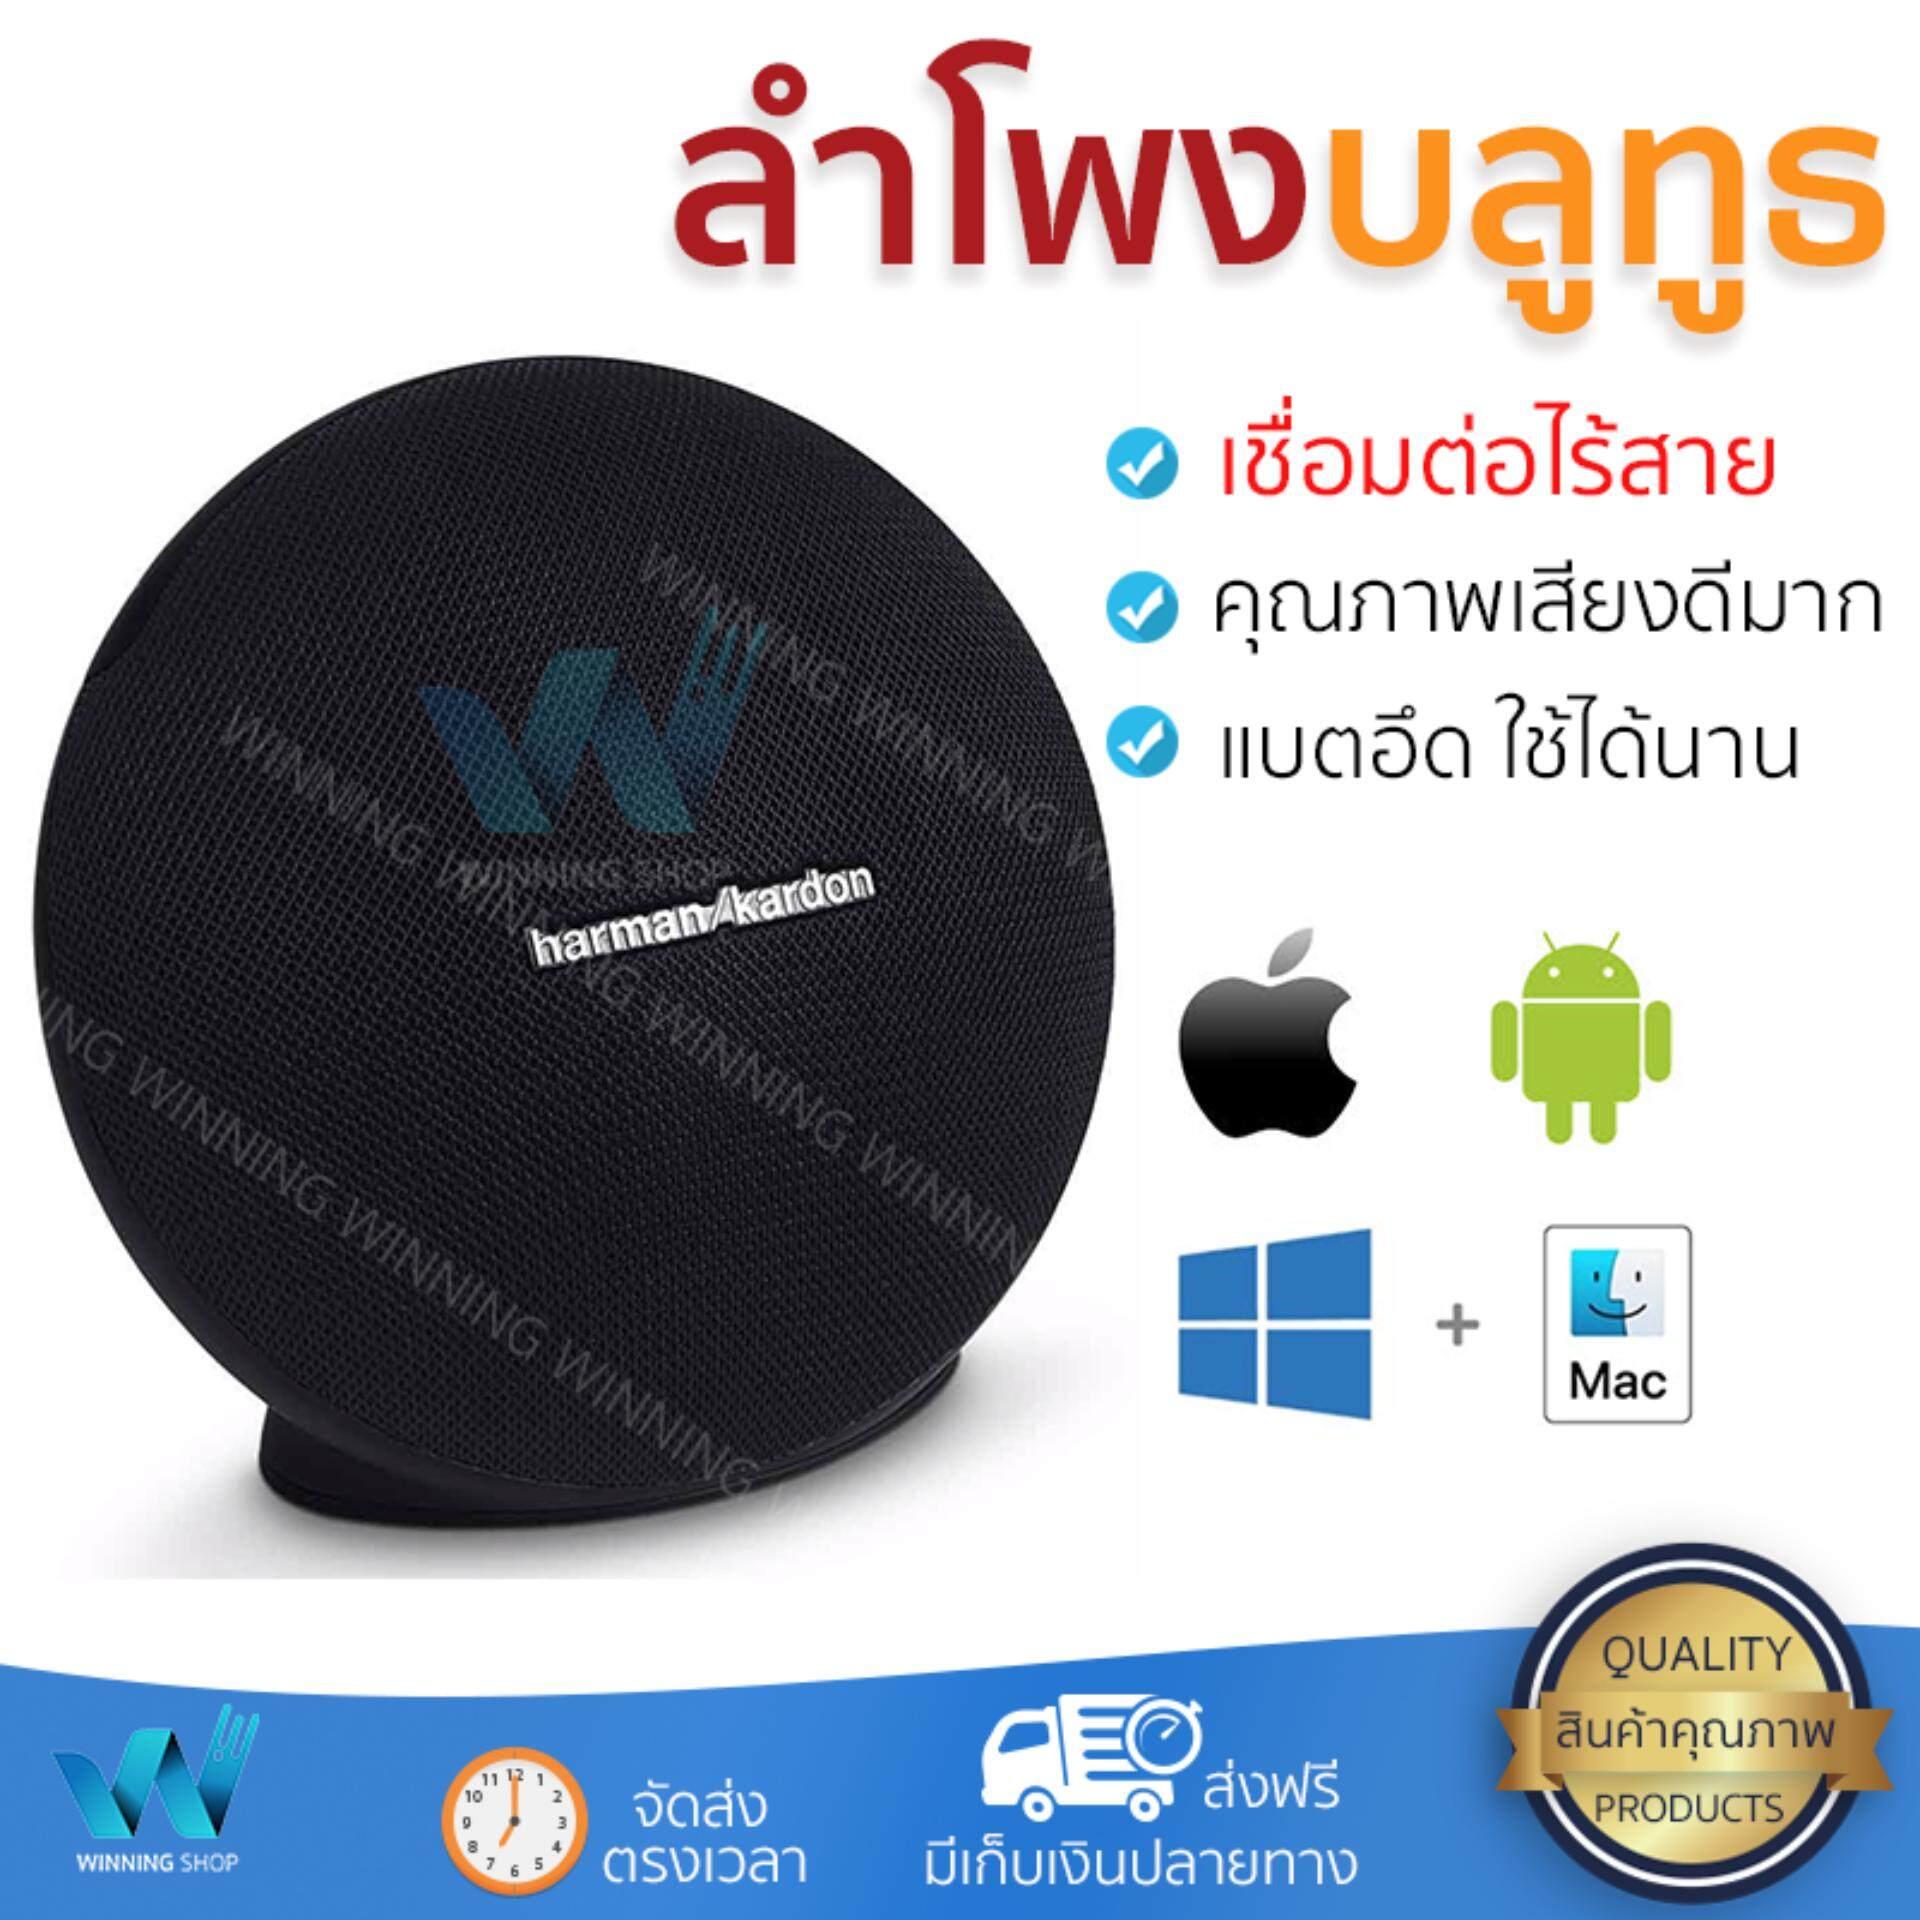 การใช้งาน  นครนายก จัดส่งฟรี ลำโพงบลูทูธ  Harman Kardon Bluetooth Speaker 2.1 Onyx Mini Black เสียงใส คุณภาพเกินตัว Wireless Bluetooth Speaker รับประกัน 1 ปี